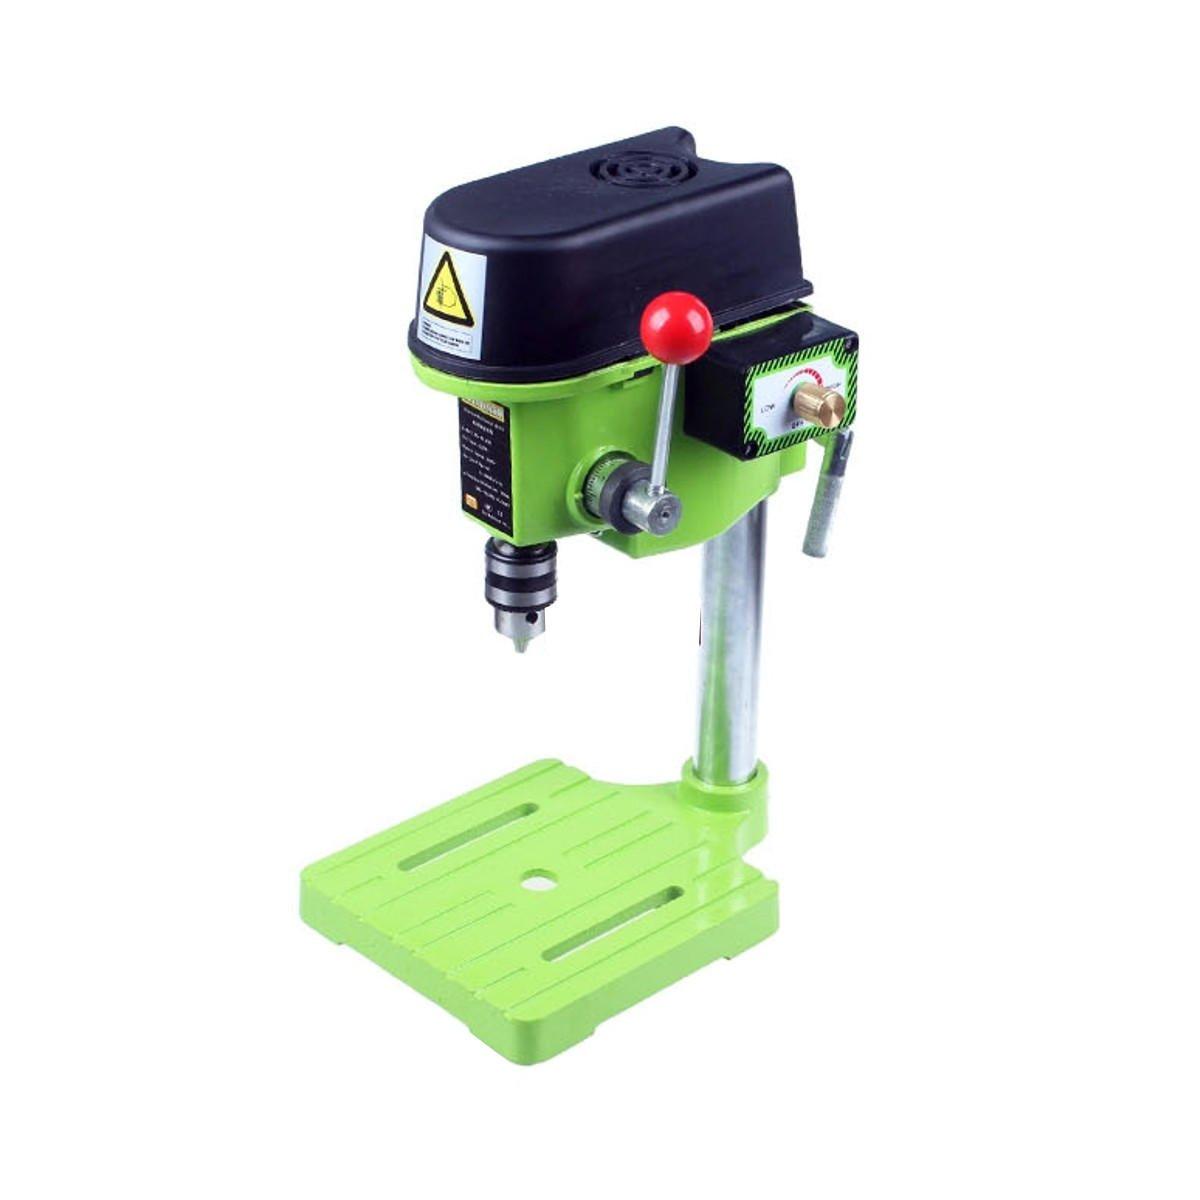 MINIQ BG-5159A Bench Drill Stand 480W Mini Electric Bench Drilling Machine Driller Stans